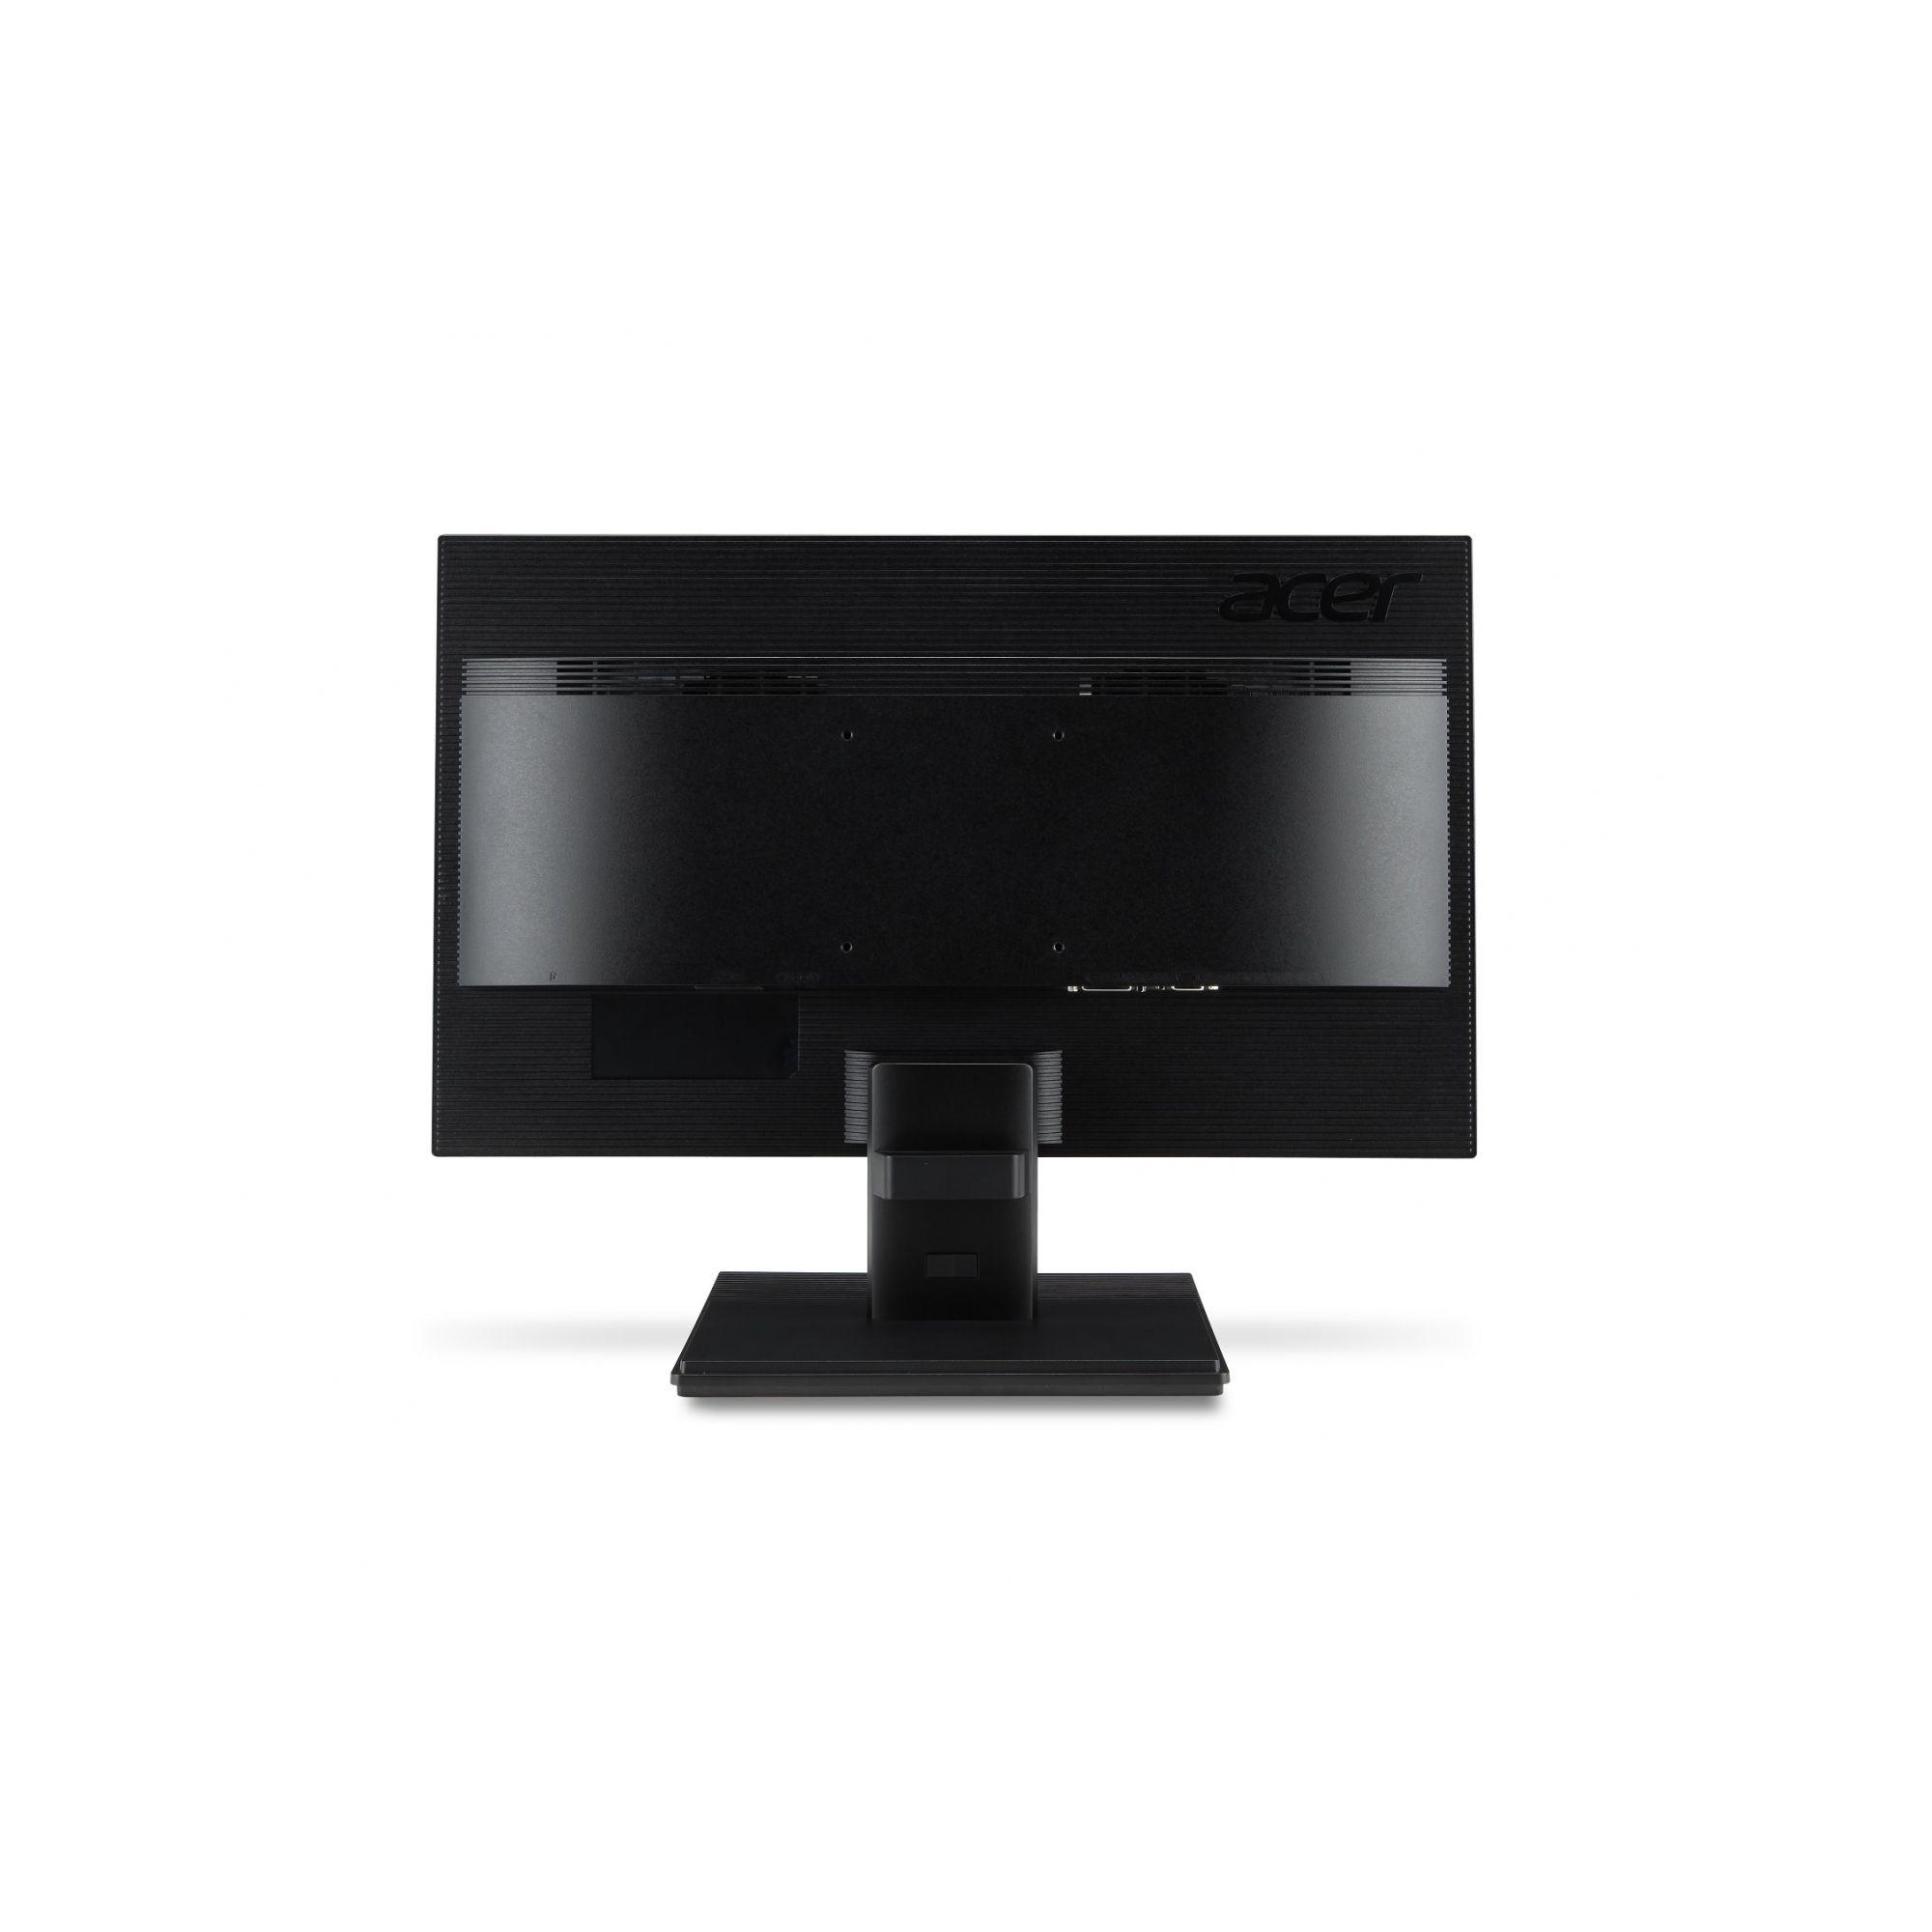 """Monitor Acer 19,5"""" V206HQL LCD HD 1366x768 VGA/HDMI/VESA Preto"""